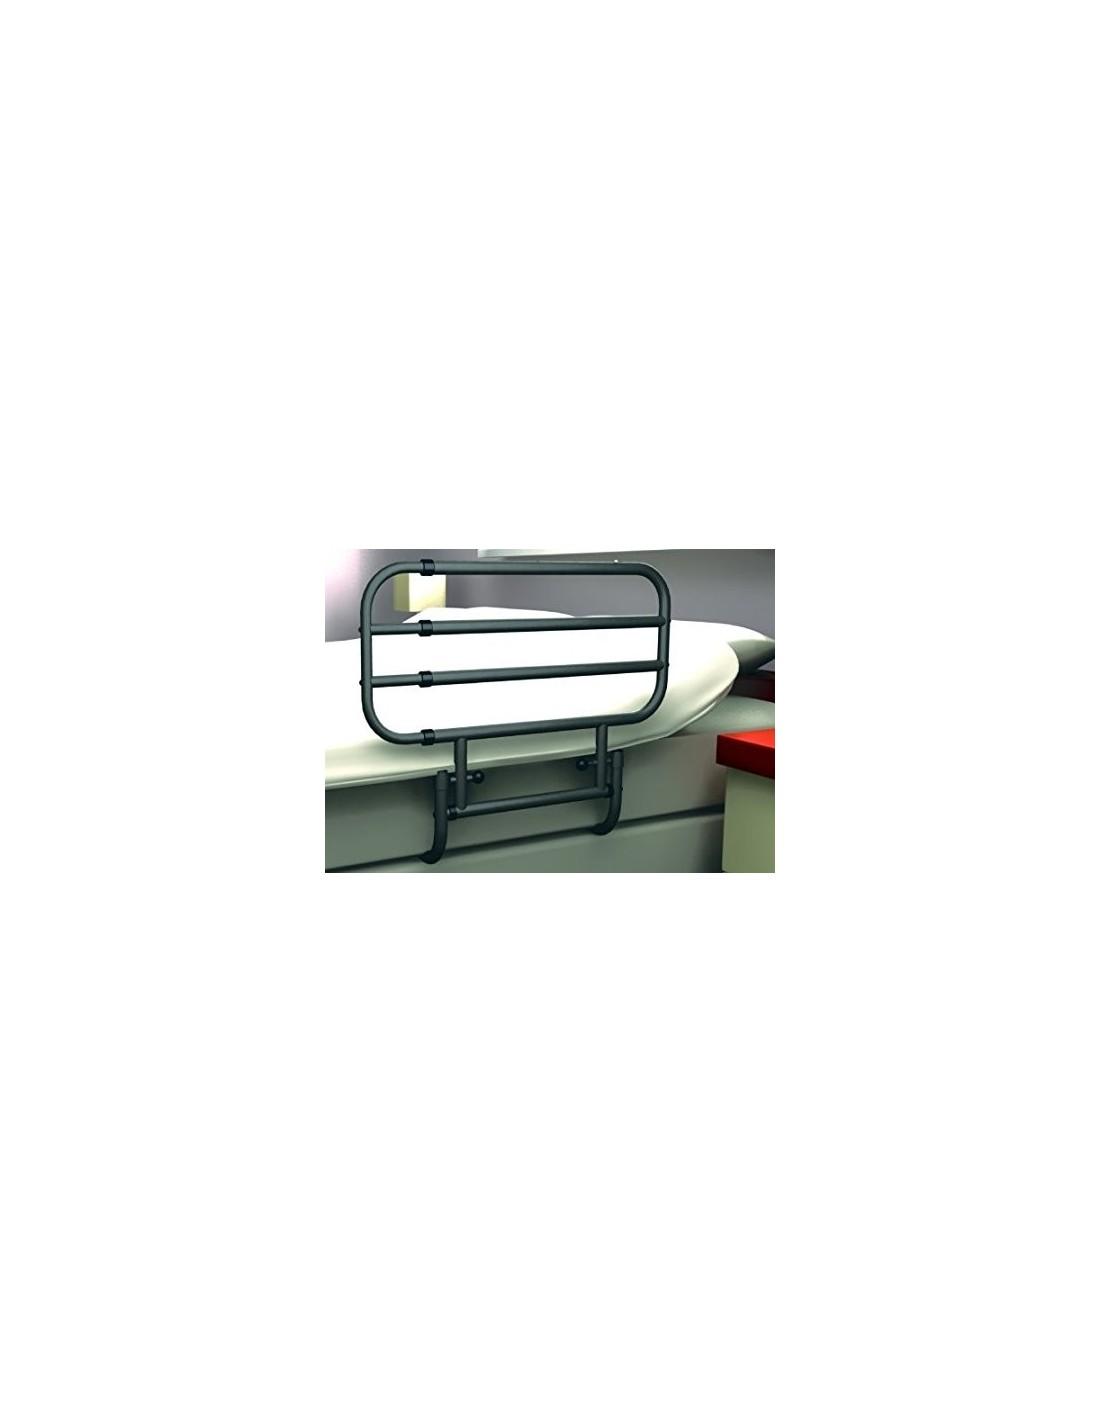 Sponde per letto pivot rail rehastage ausili per anziani e disabili - Sponde letto anziani ikea ...